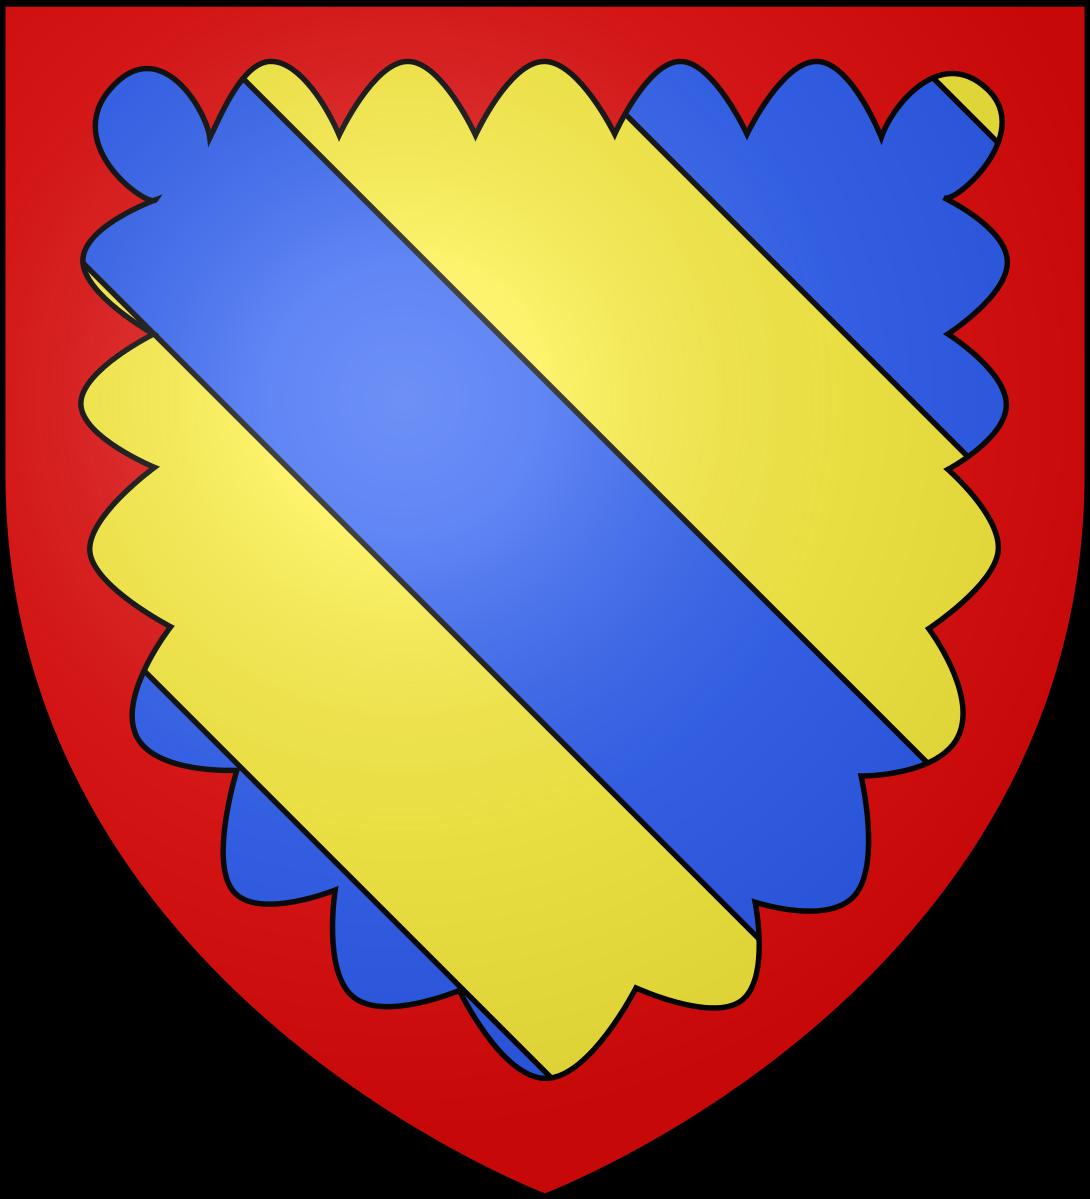 Blason département fr Nièvre.png